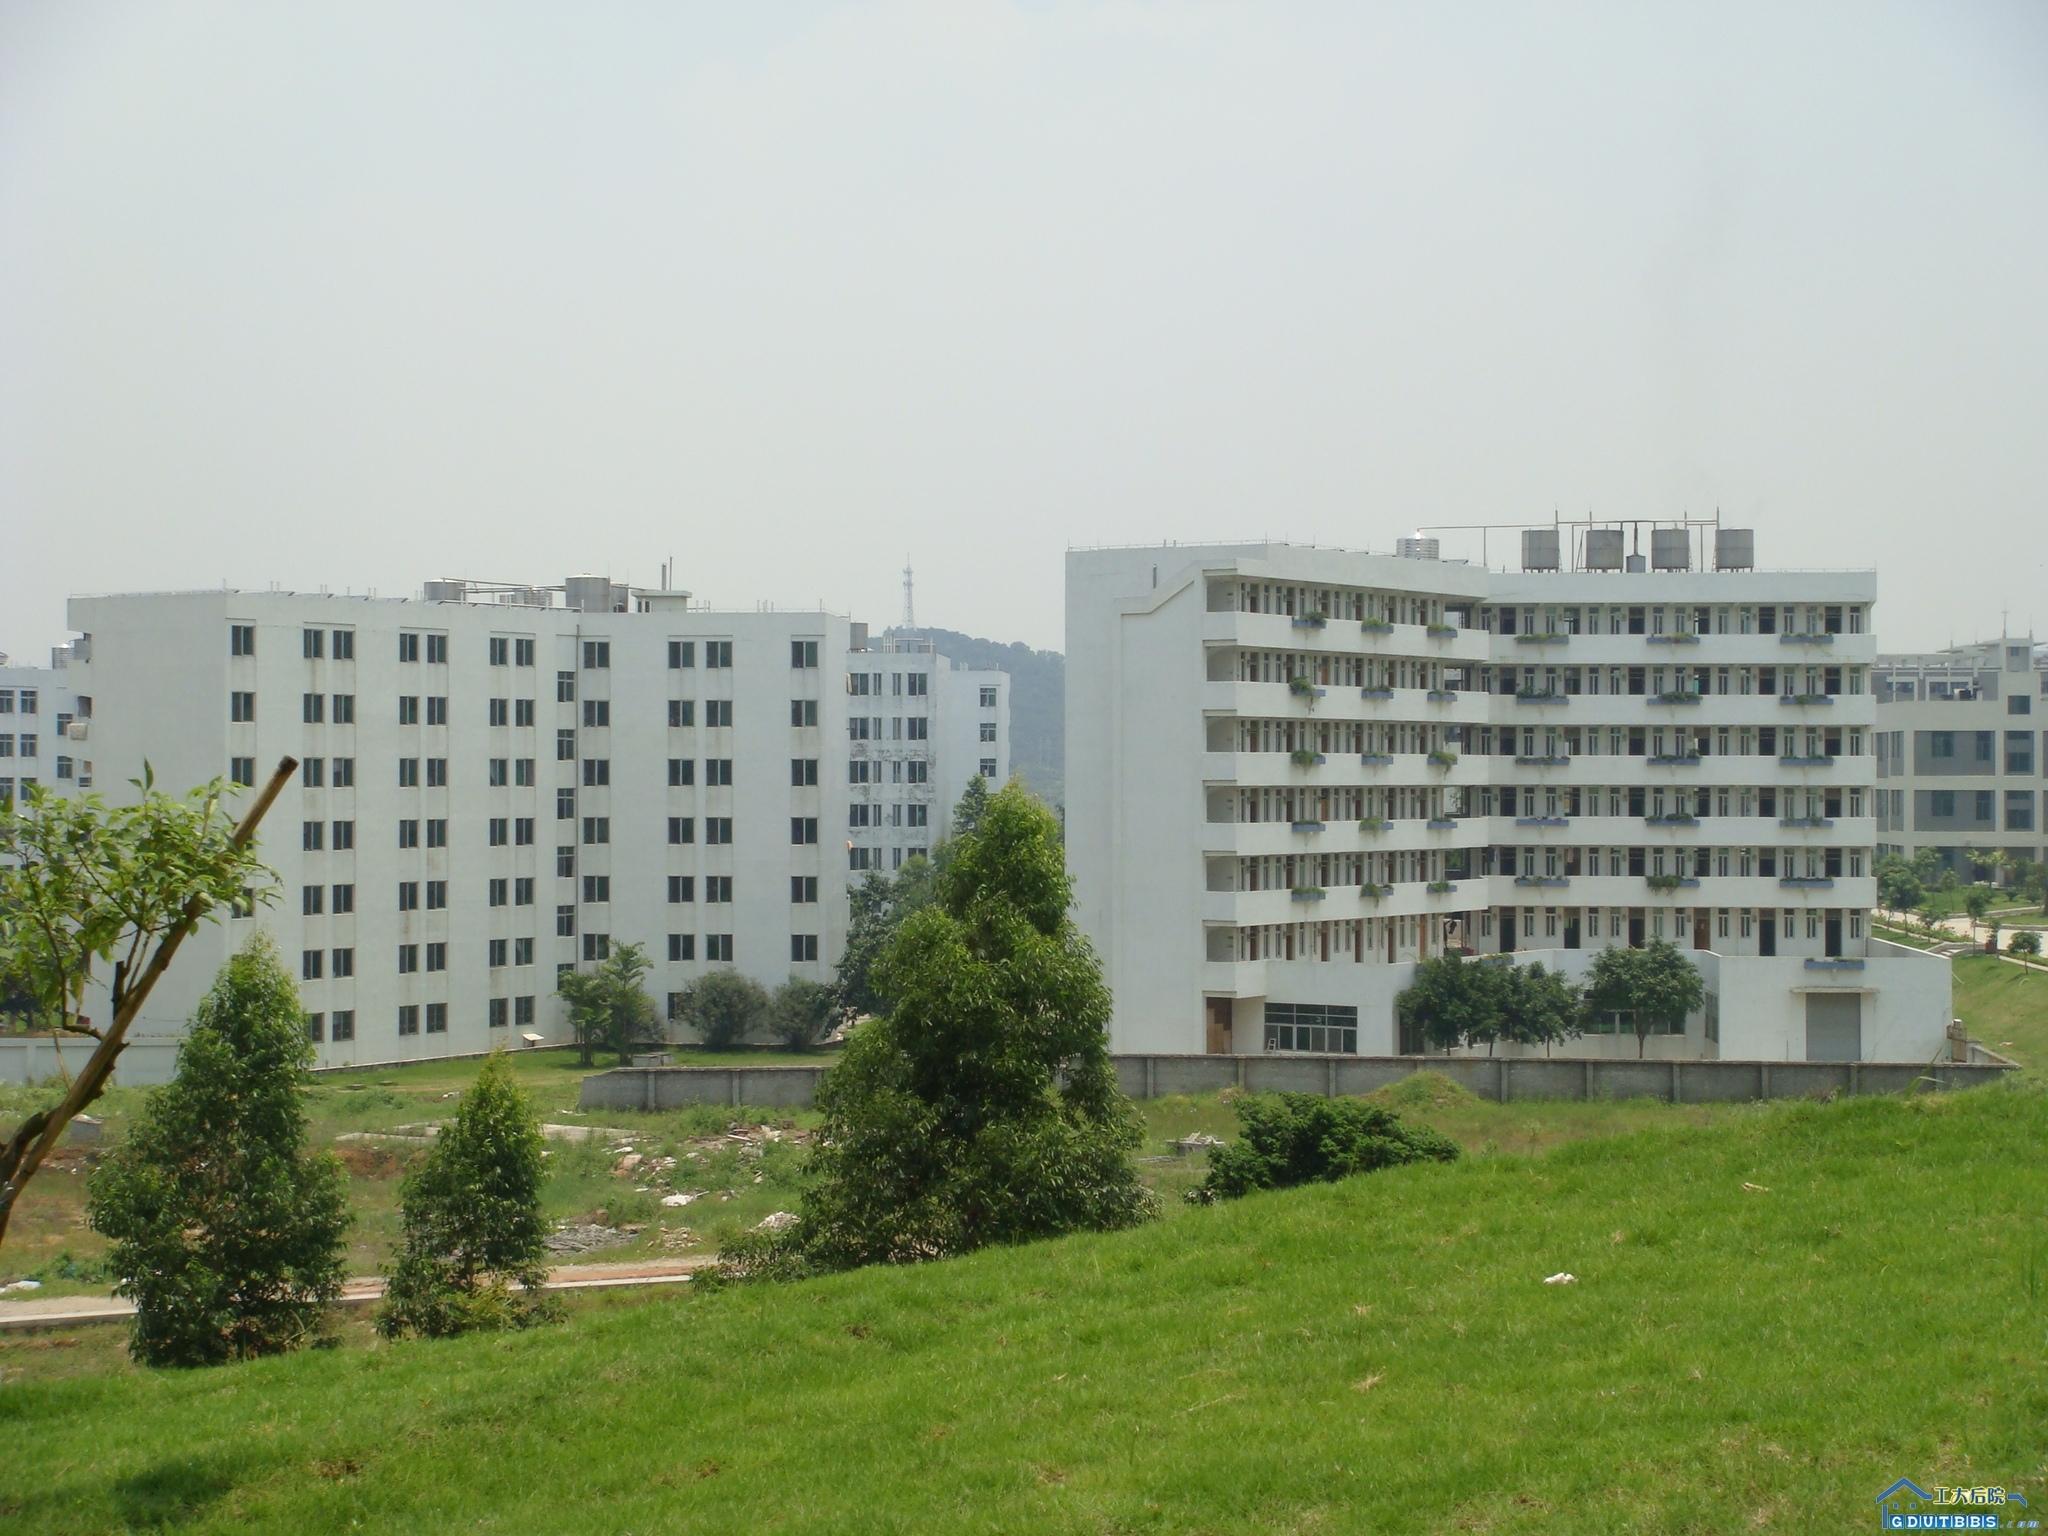 广东工业华立学院和广东工业大学区别